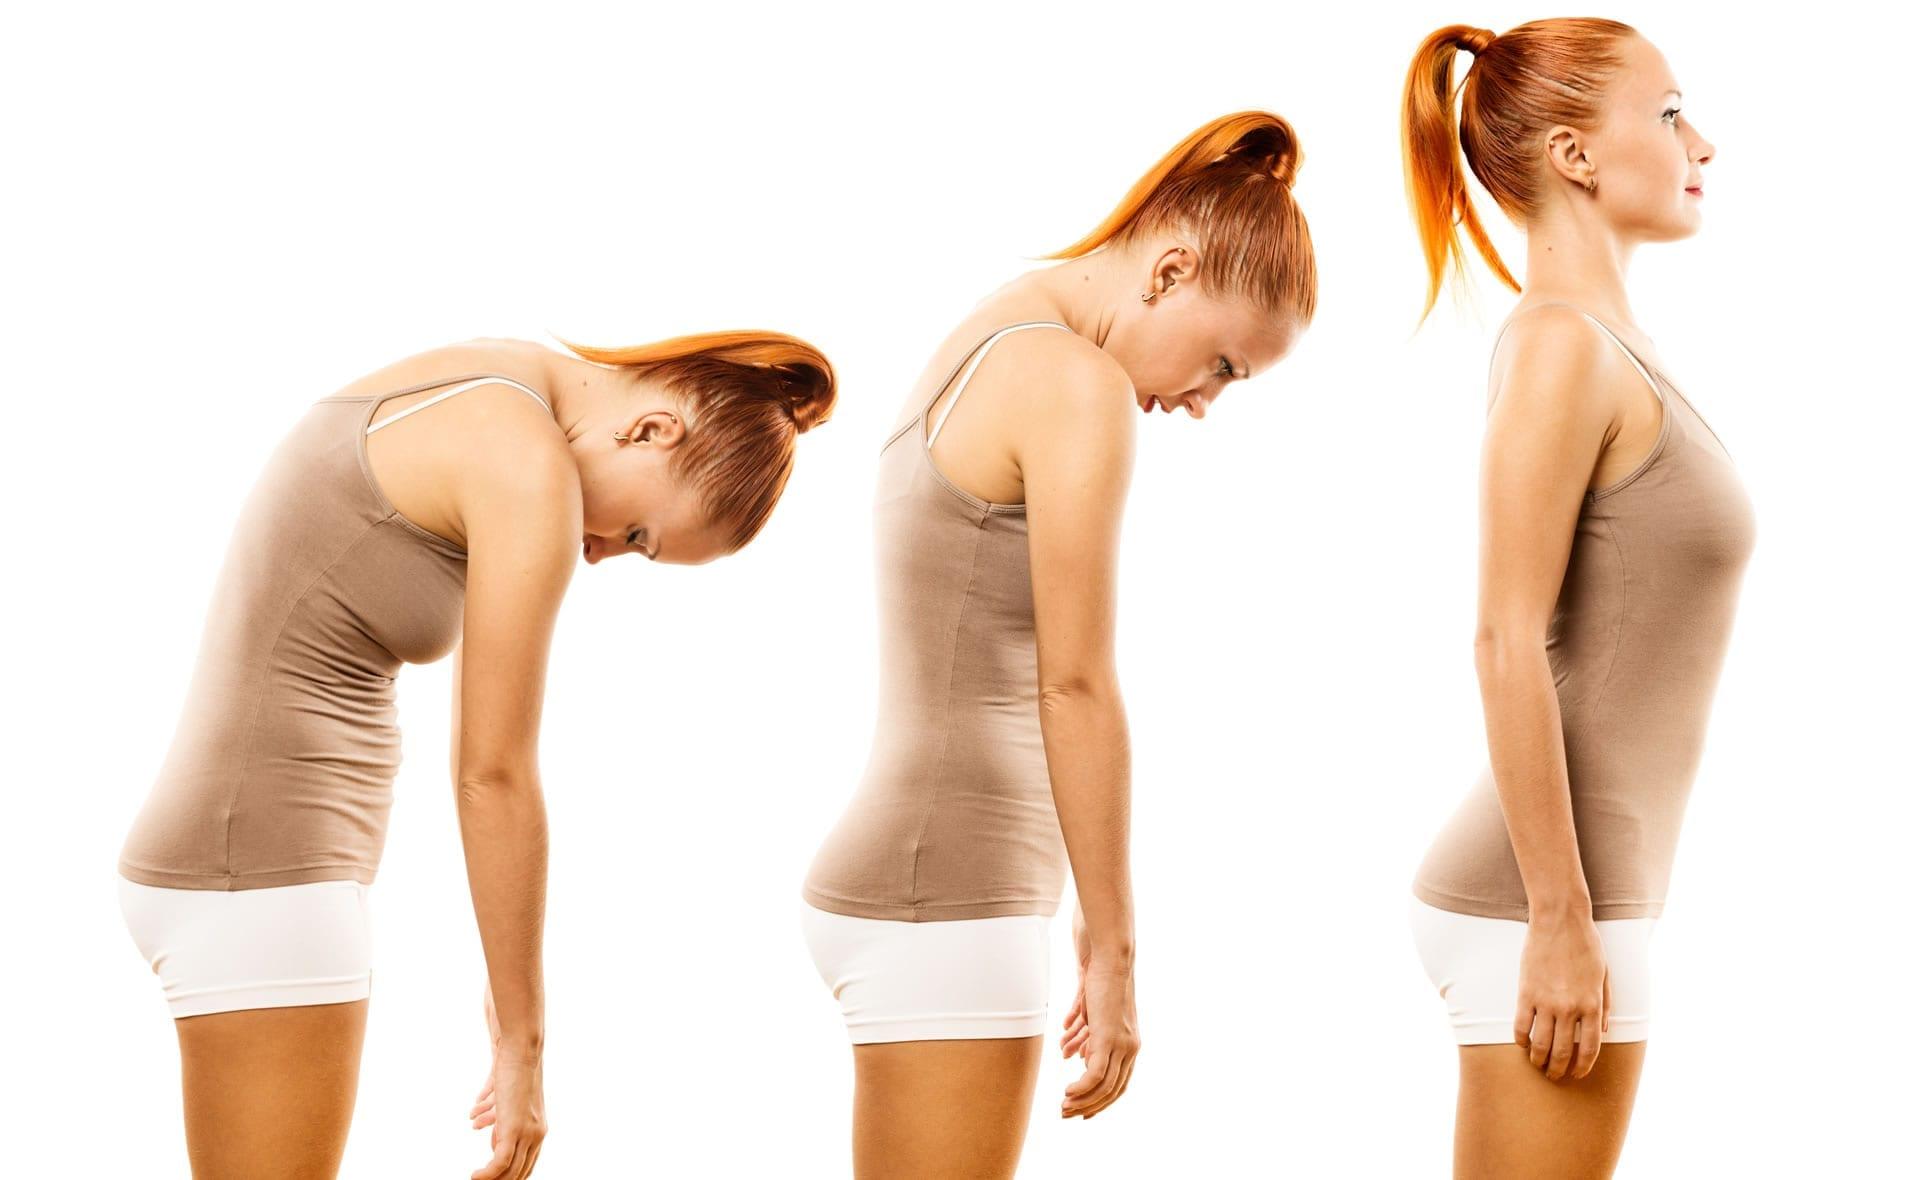 Как исправить сутулость в домашних условиях: упражнения и 18